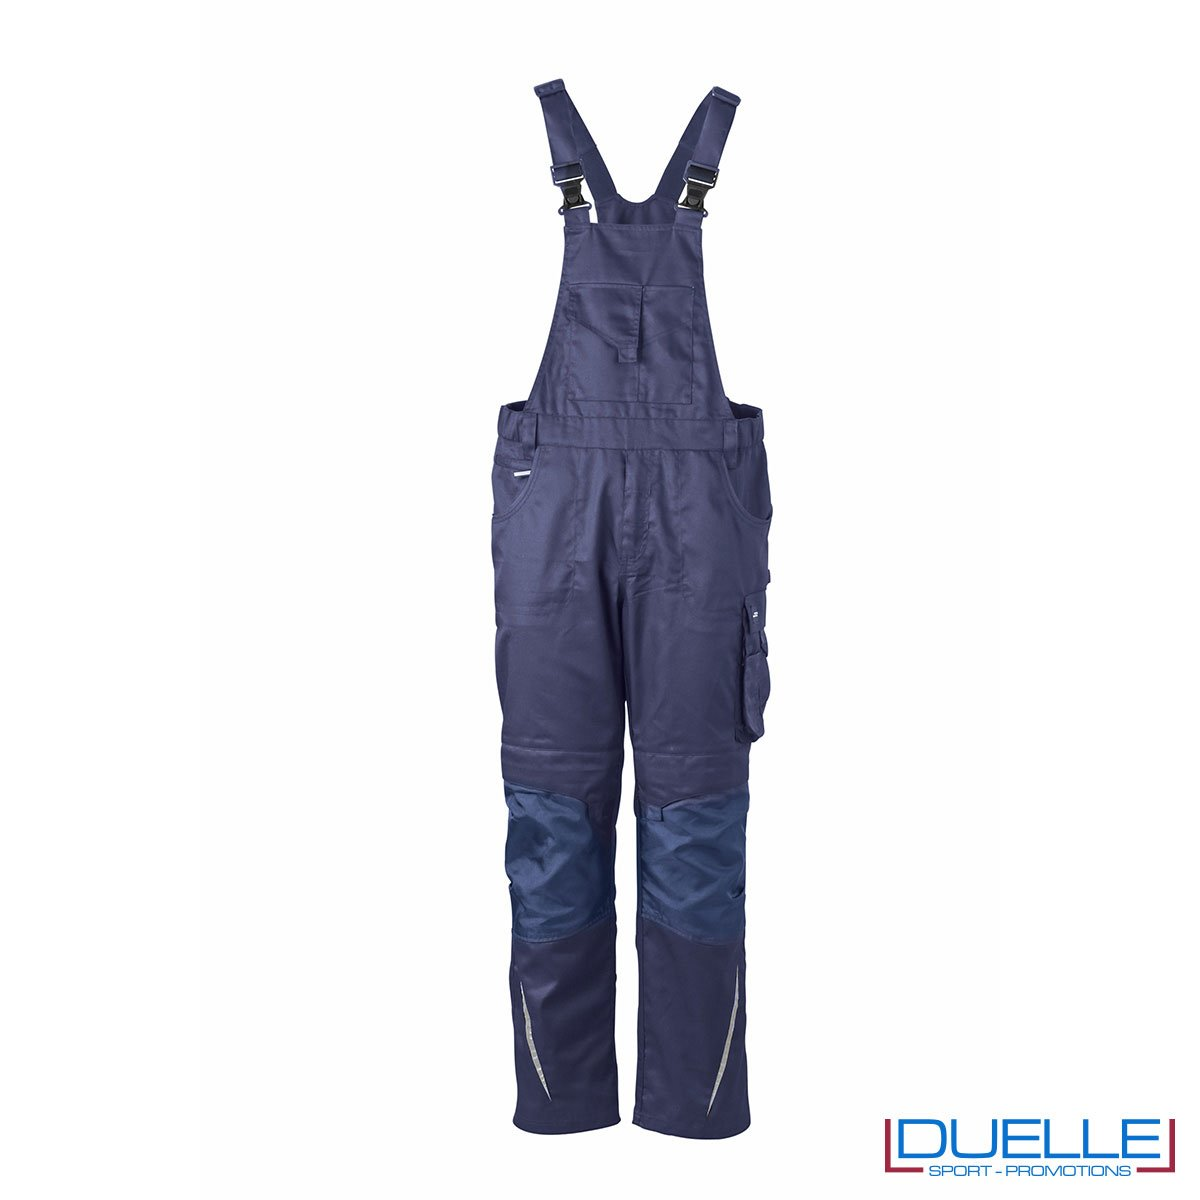 Salopette professionale personalizzata in colore blu navy